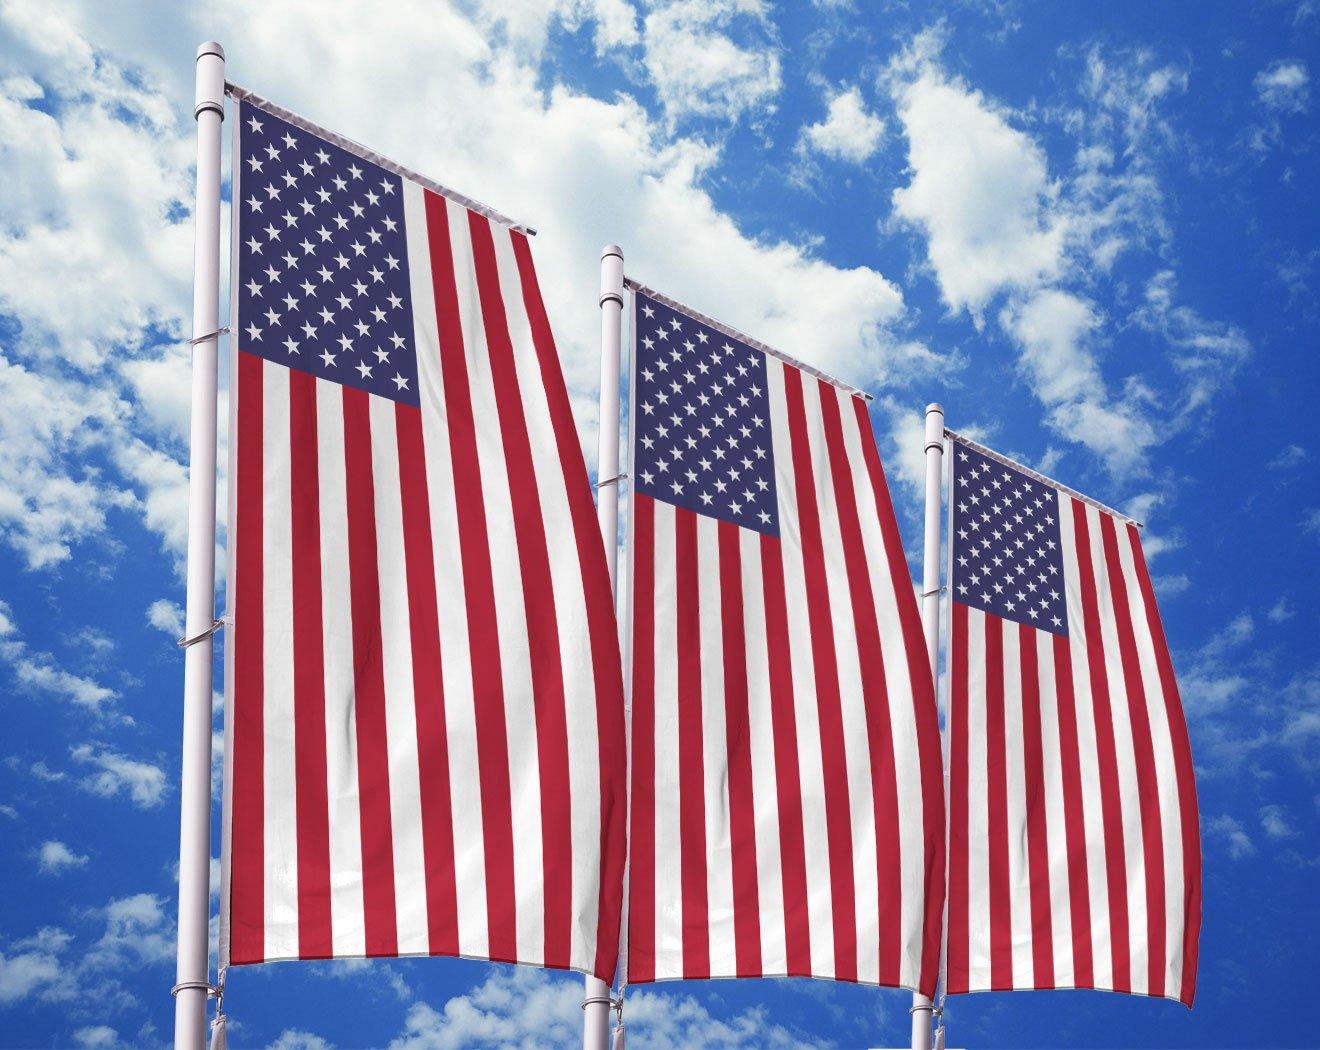 Amerika-Flagge bedrucken lassen